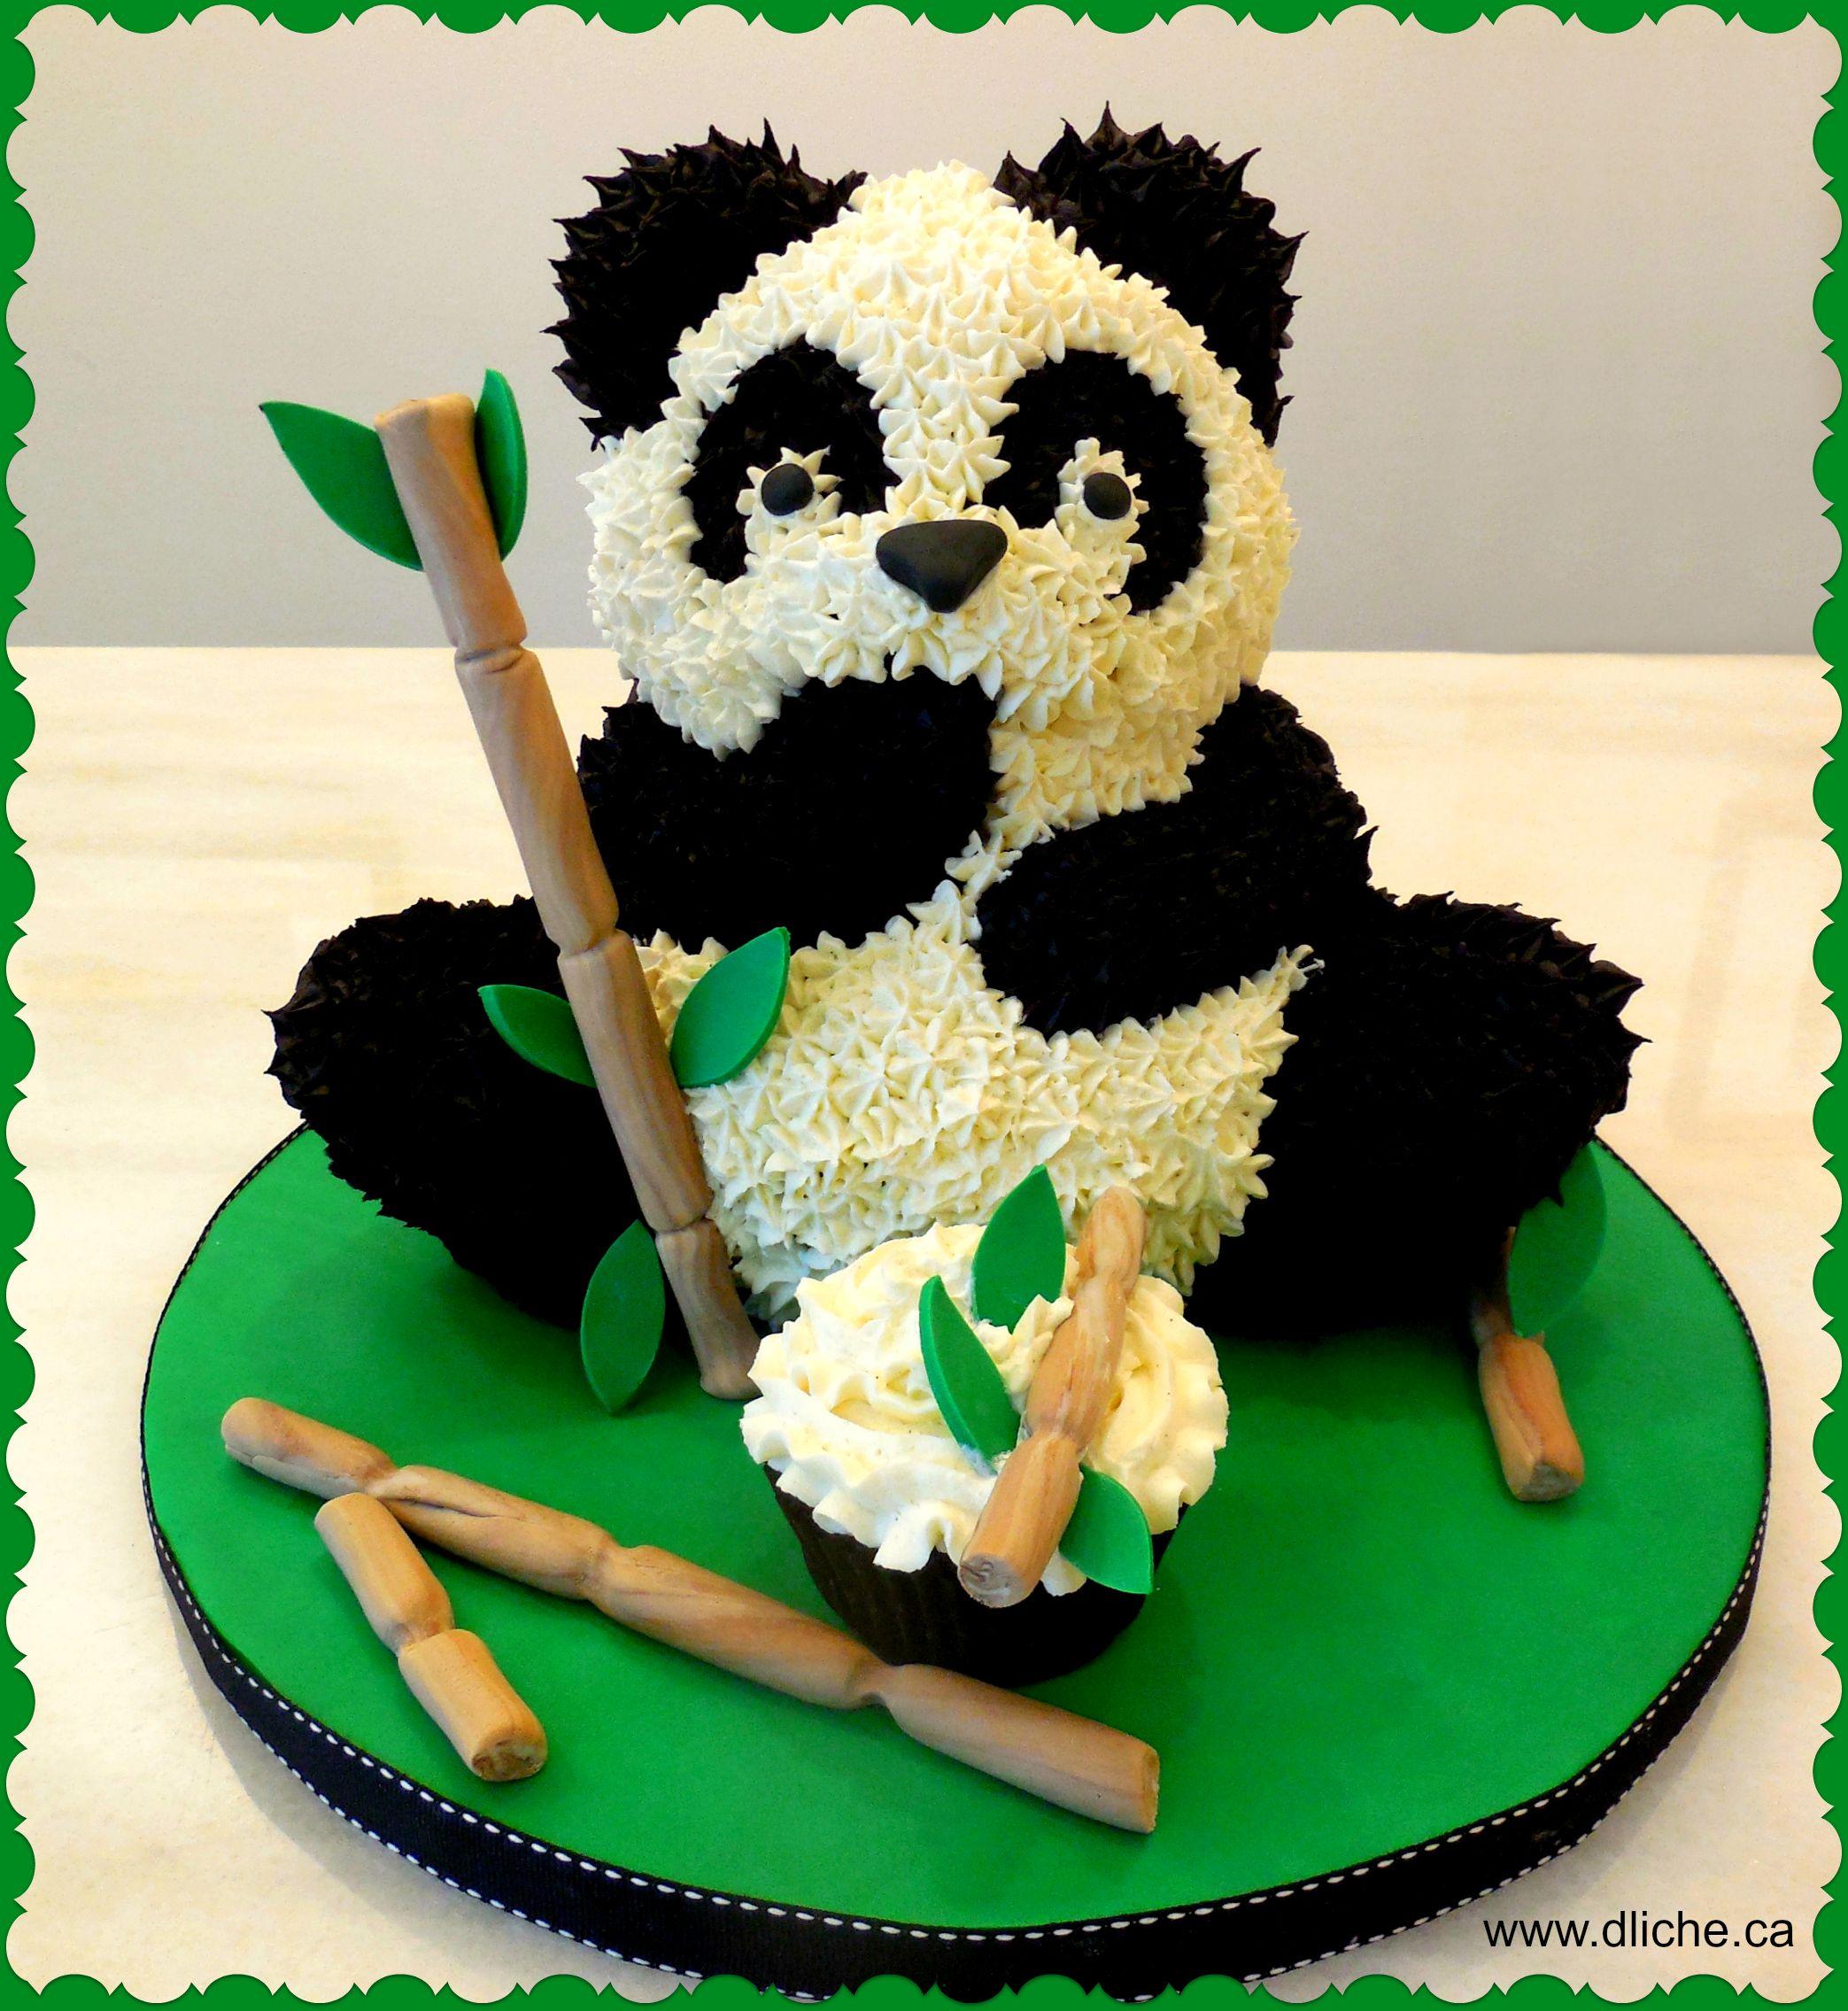 Populaire Gâteau panda! Panda cake! | gâteaux pate à sucre | Pinterest  UL12